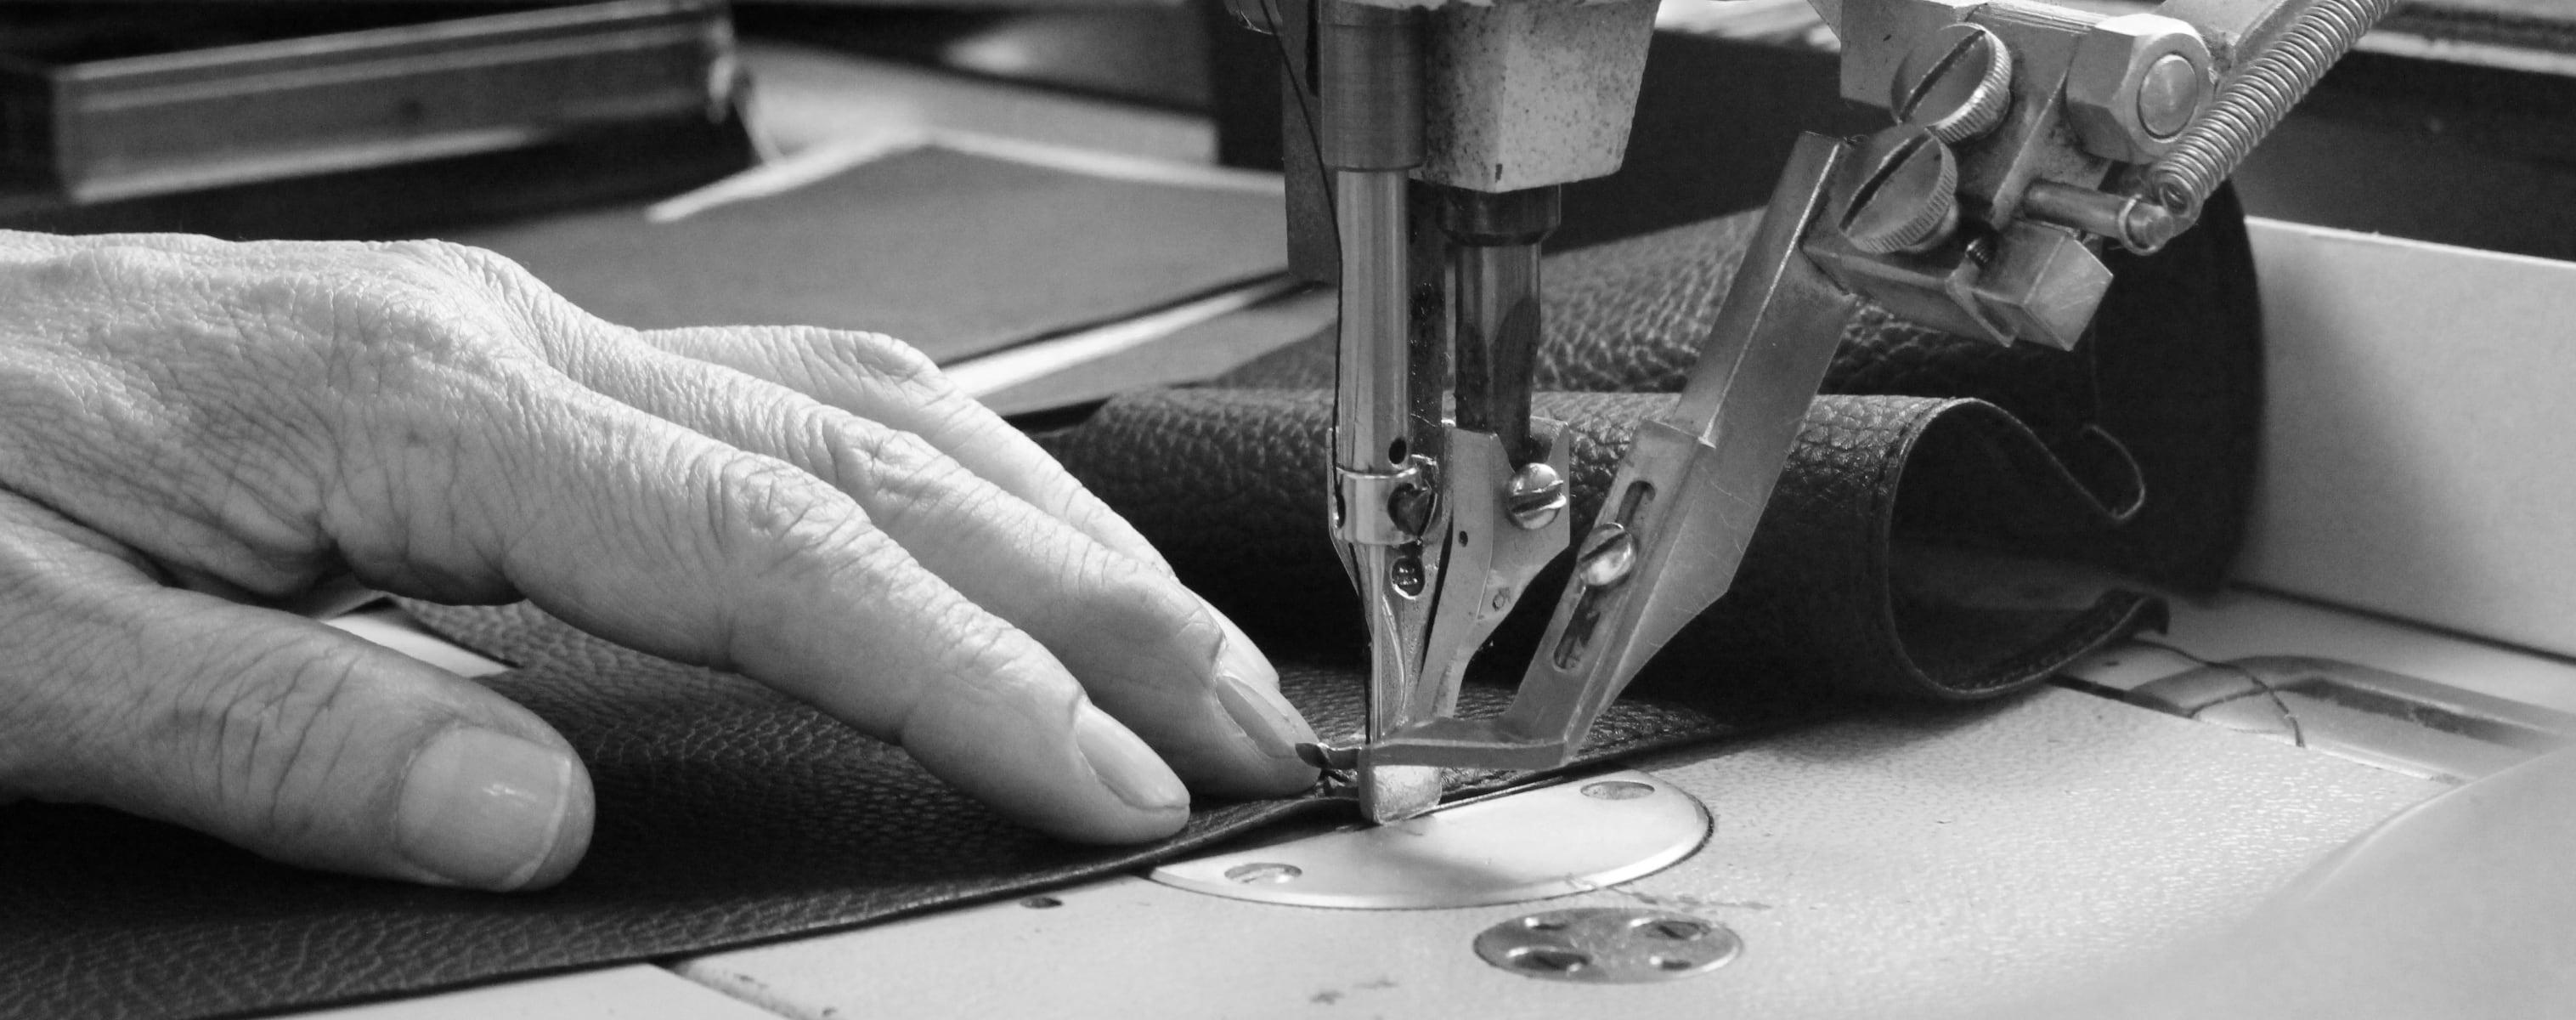 29_Pocket_Wallet_Bag_Craftsmanship.jpg